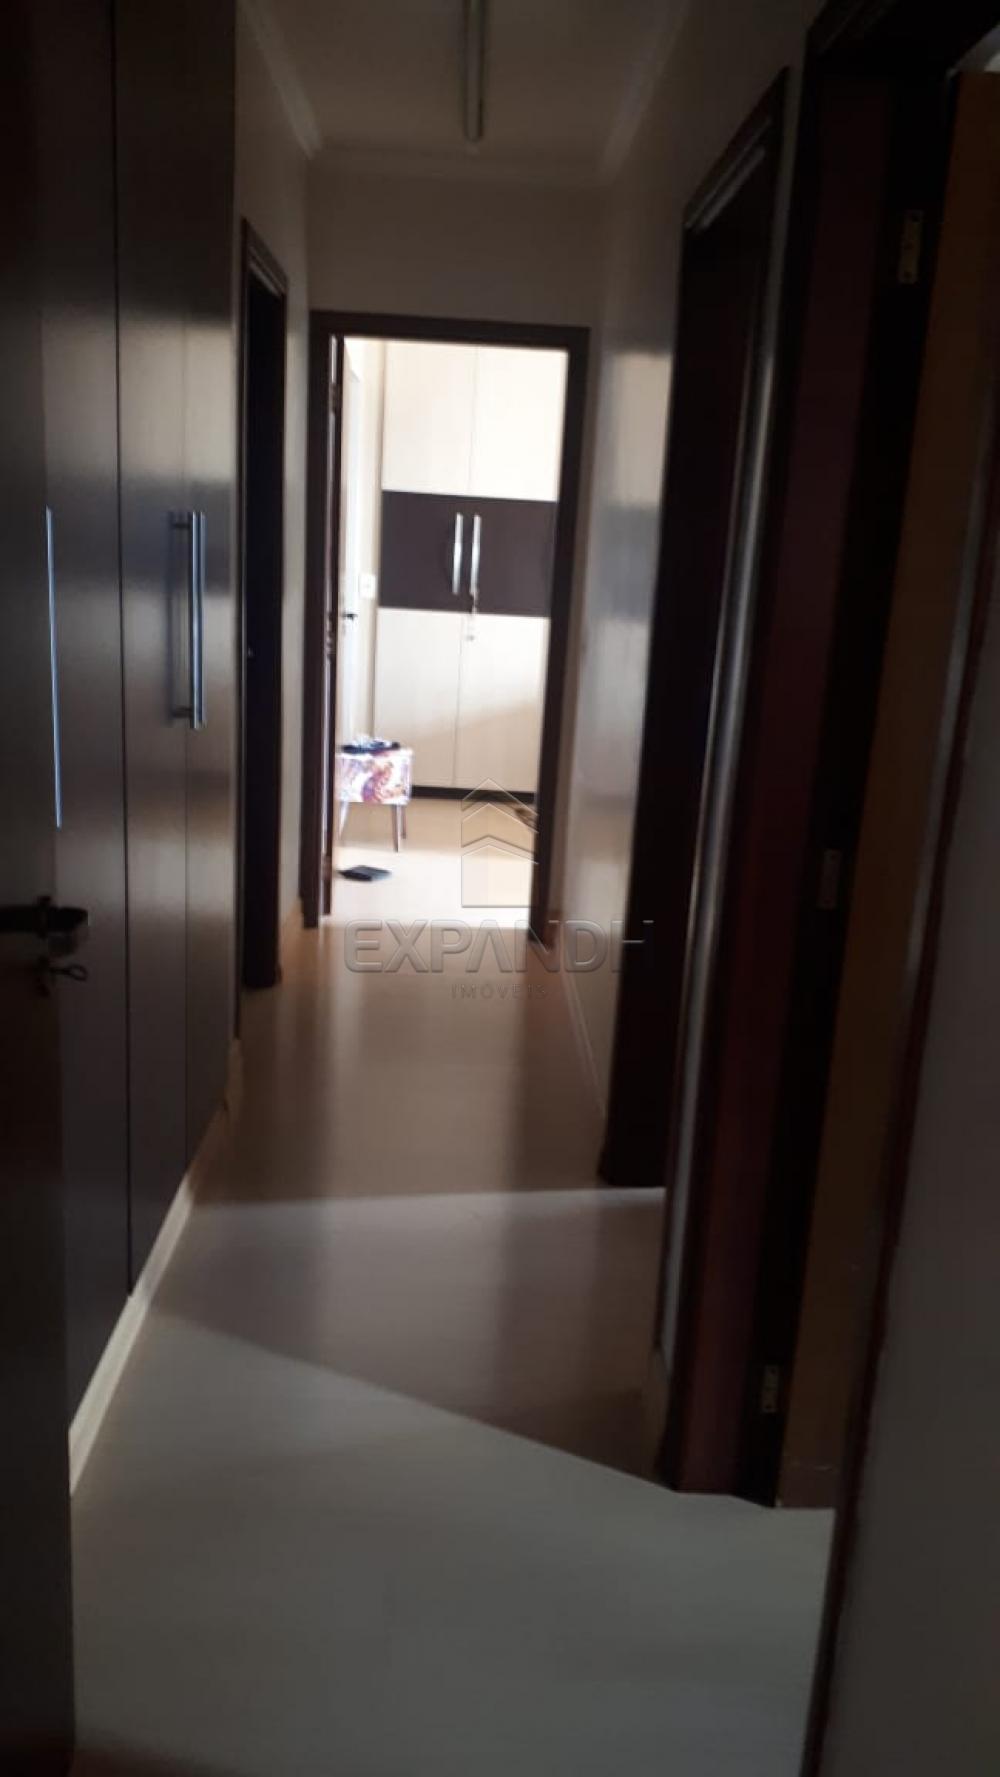 Comprar Apartamentos / Padrão em Sertãozinho R$ 380.000,00 - Foto 23